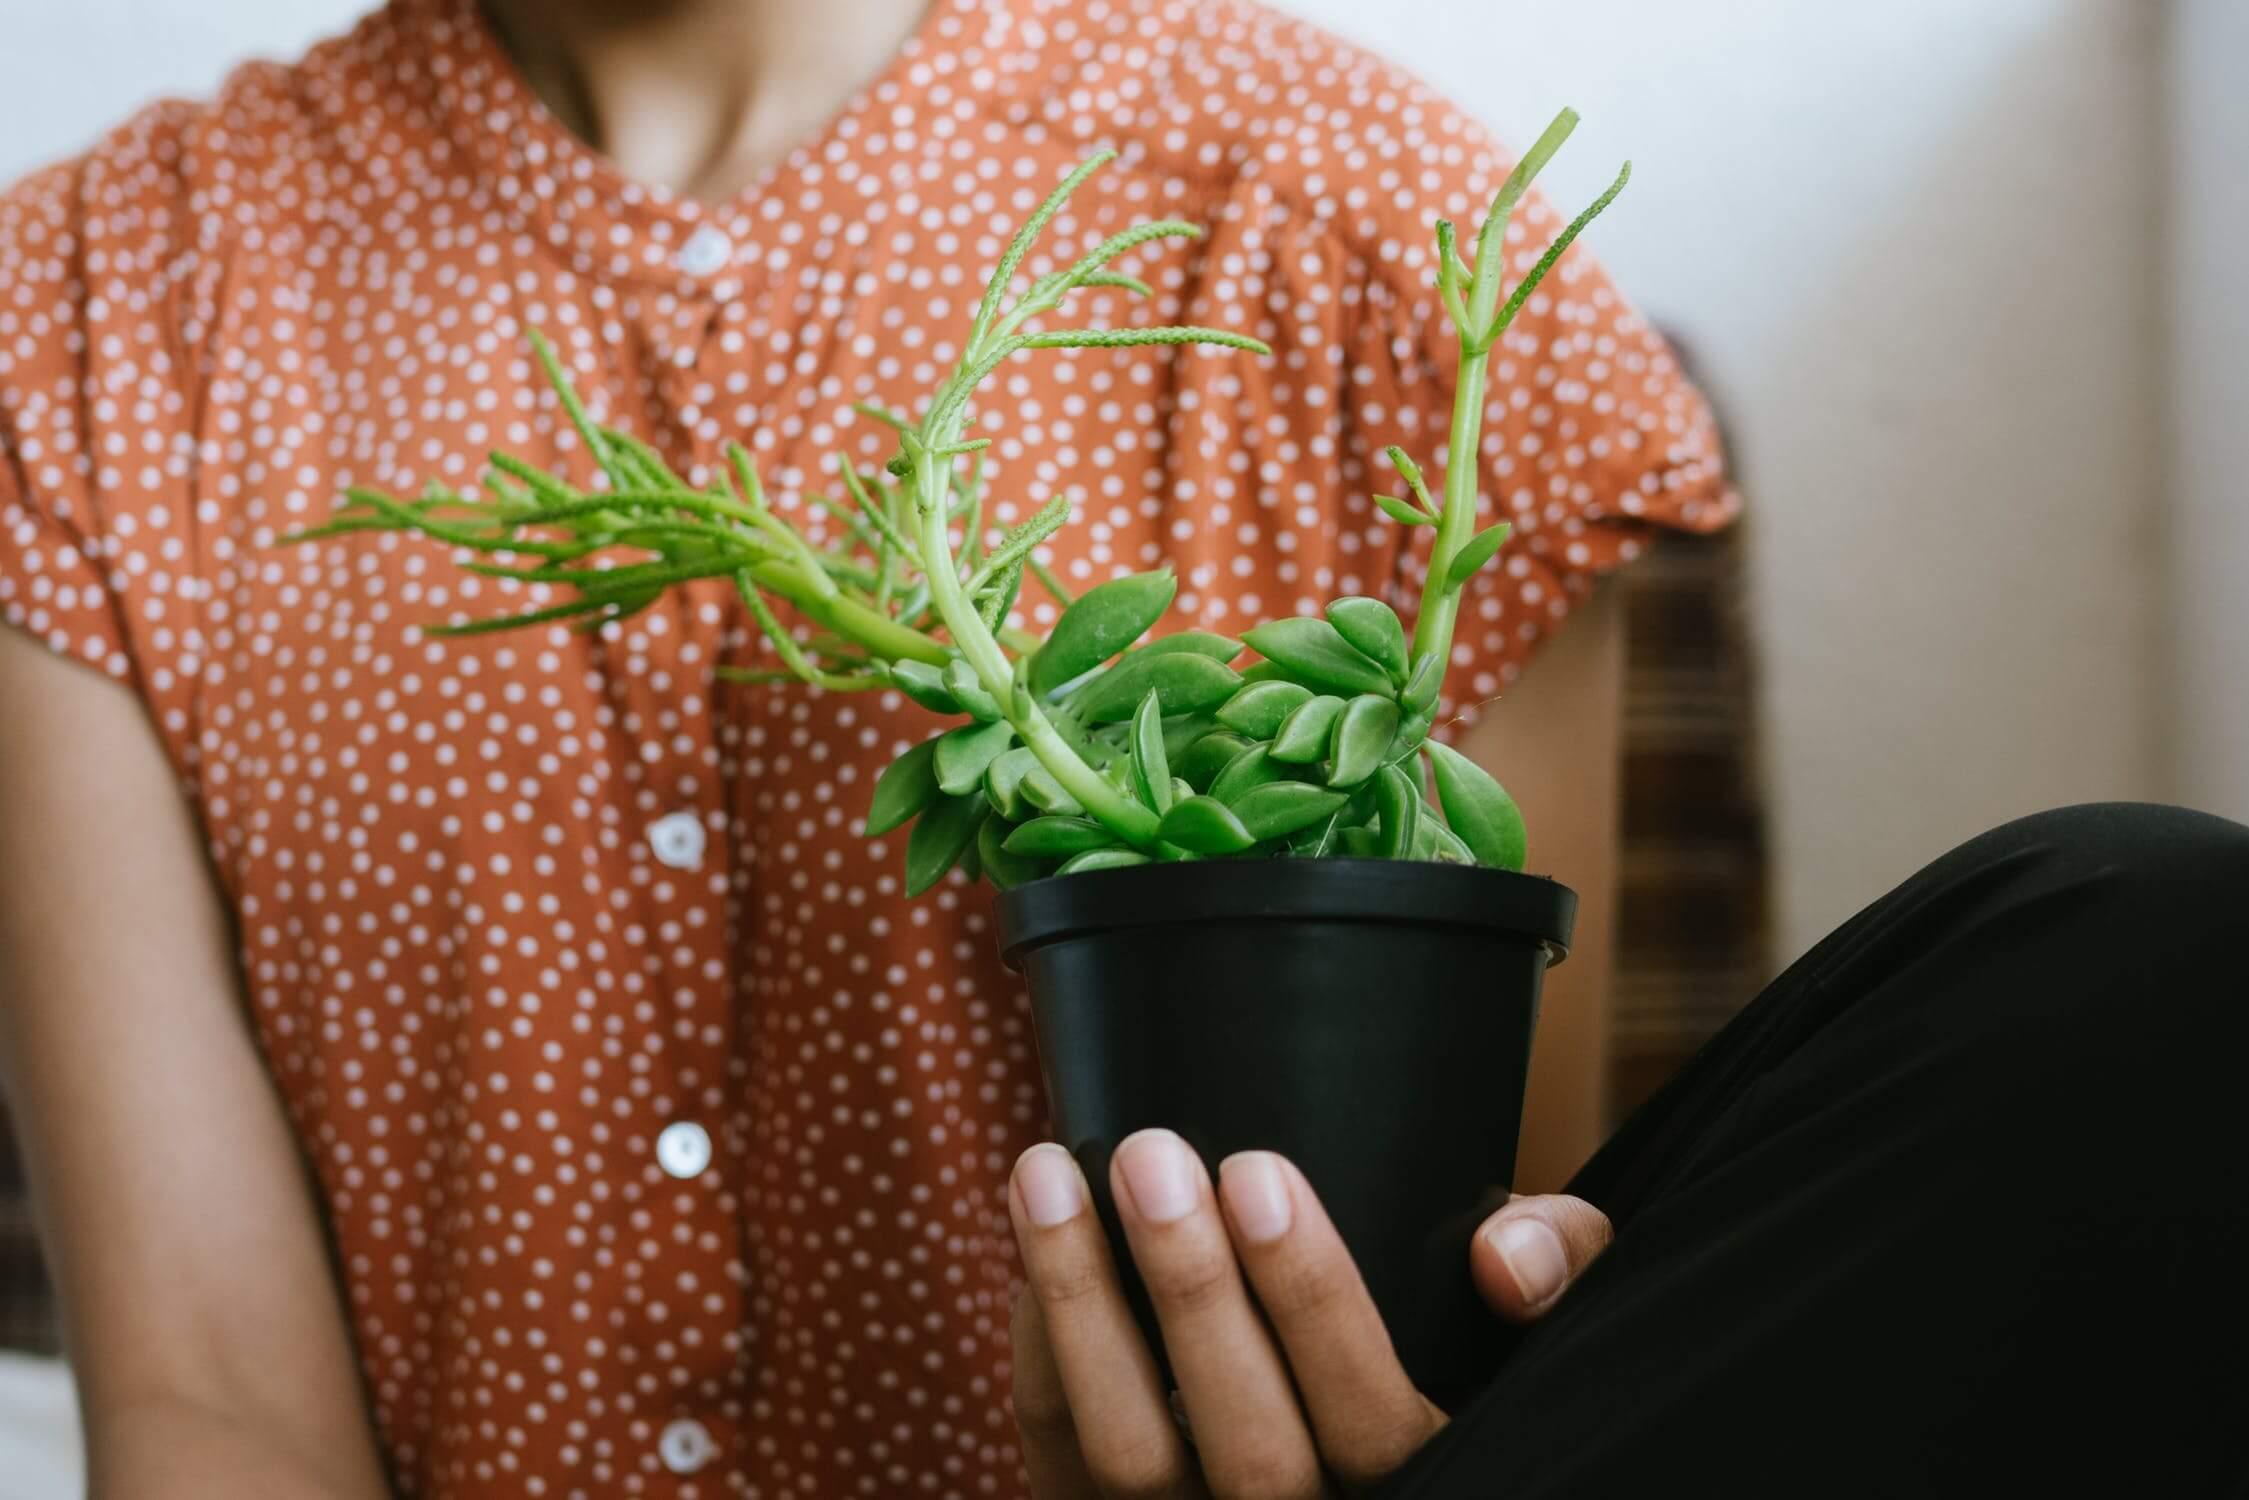 Väčšina druhov izbových rastlín preferuje hnojenie priamo do substrátu